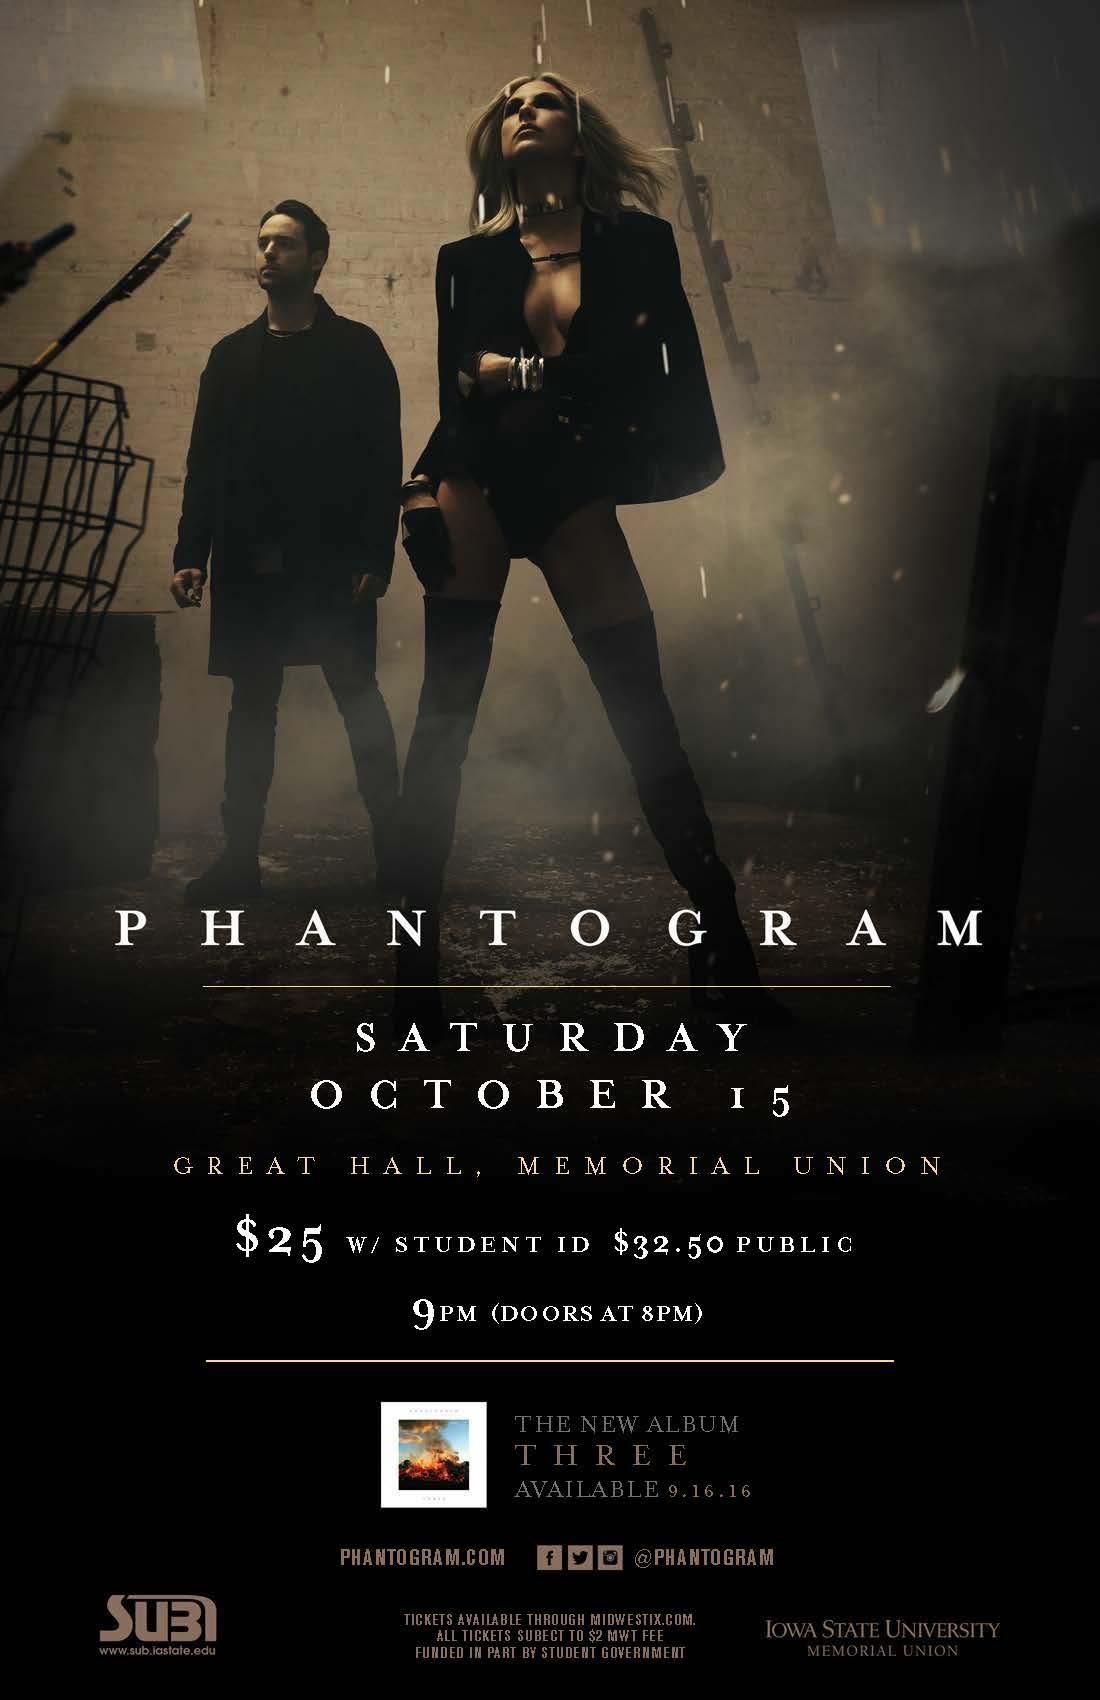 Phantogram concert poster